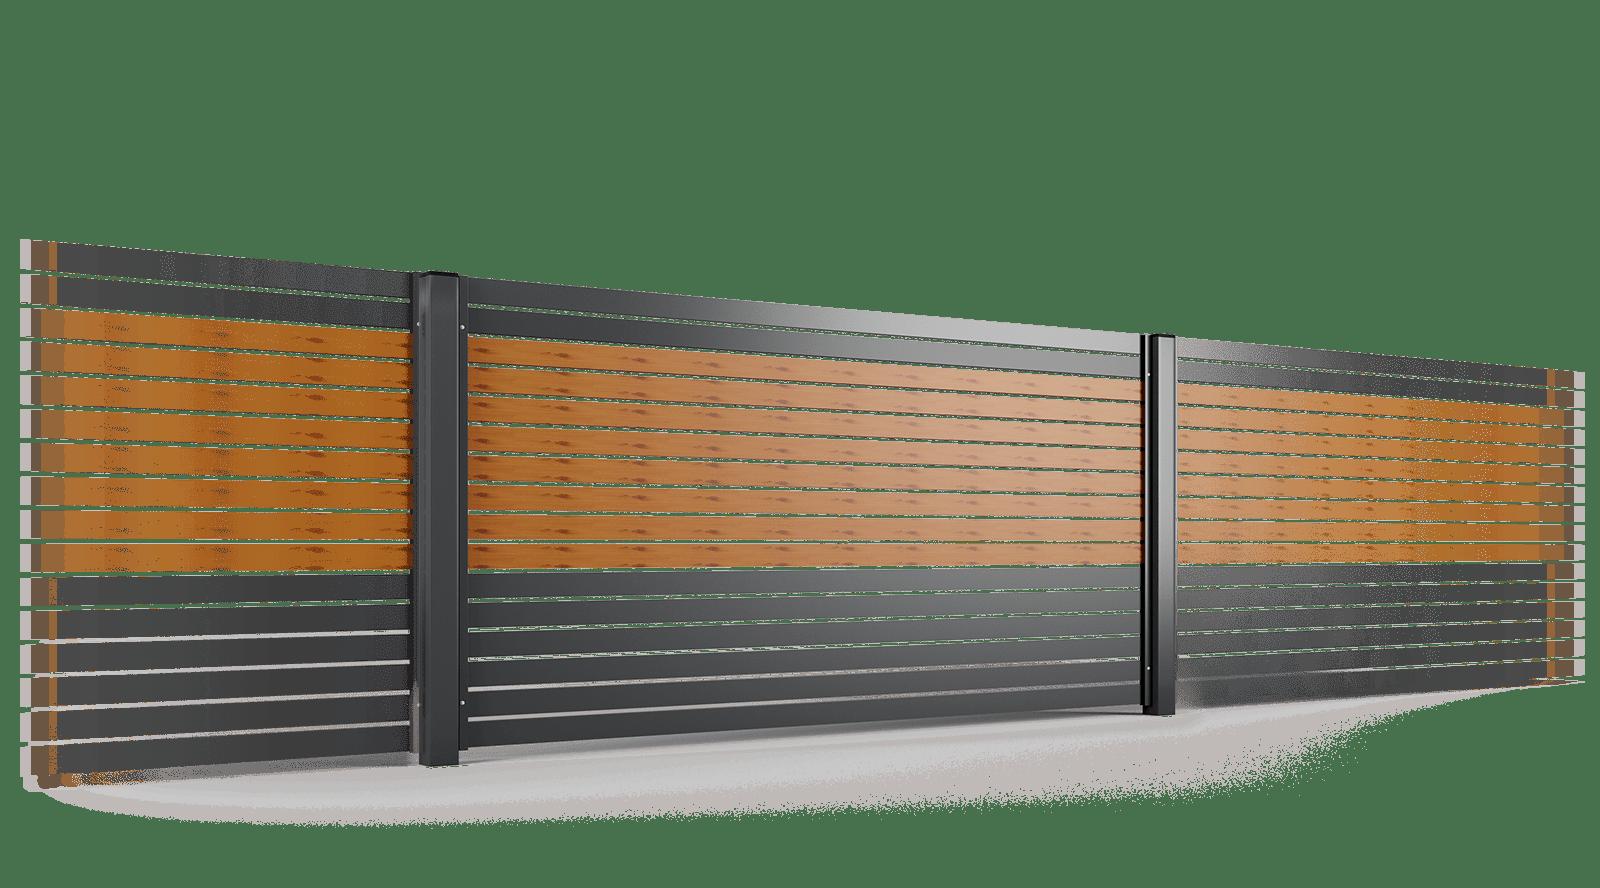 przeslo ogrodzenie palisadowe stylizowane PP 002 (P82) PINO II BORDER KONSPORT